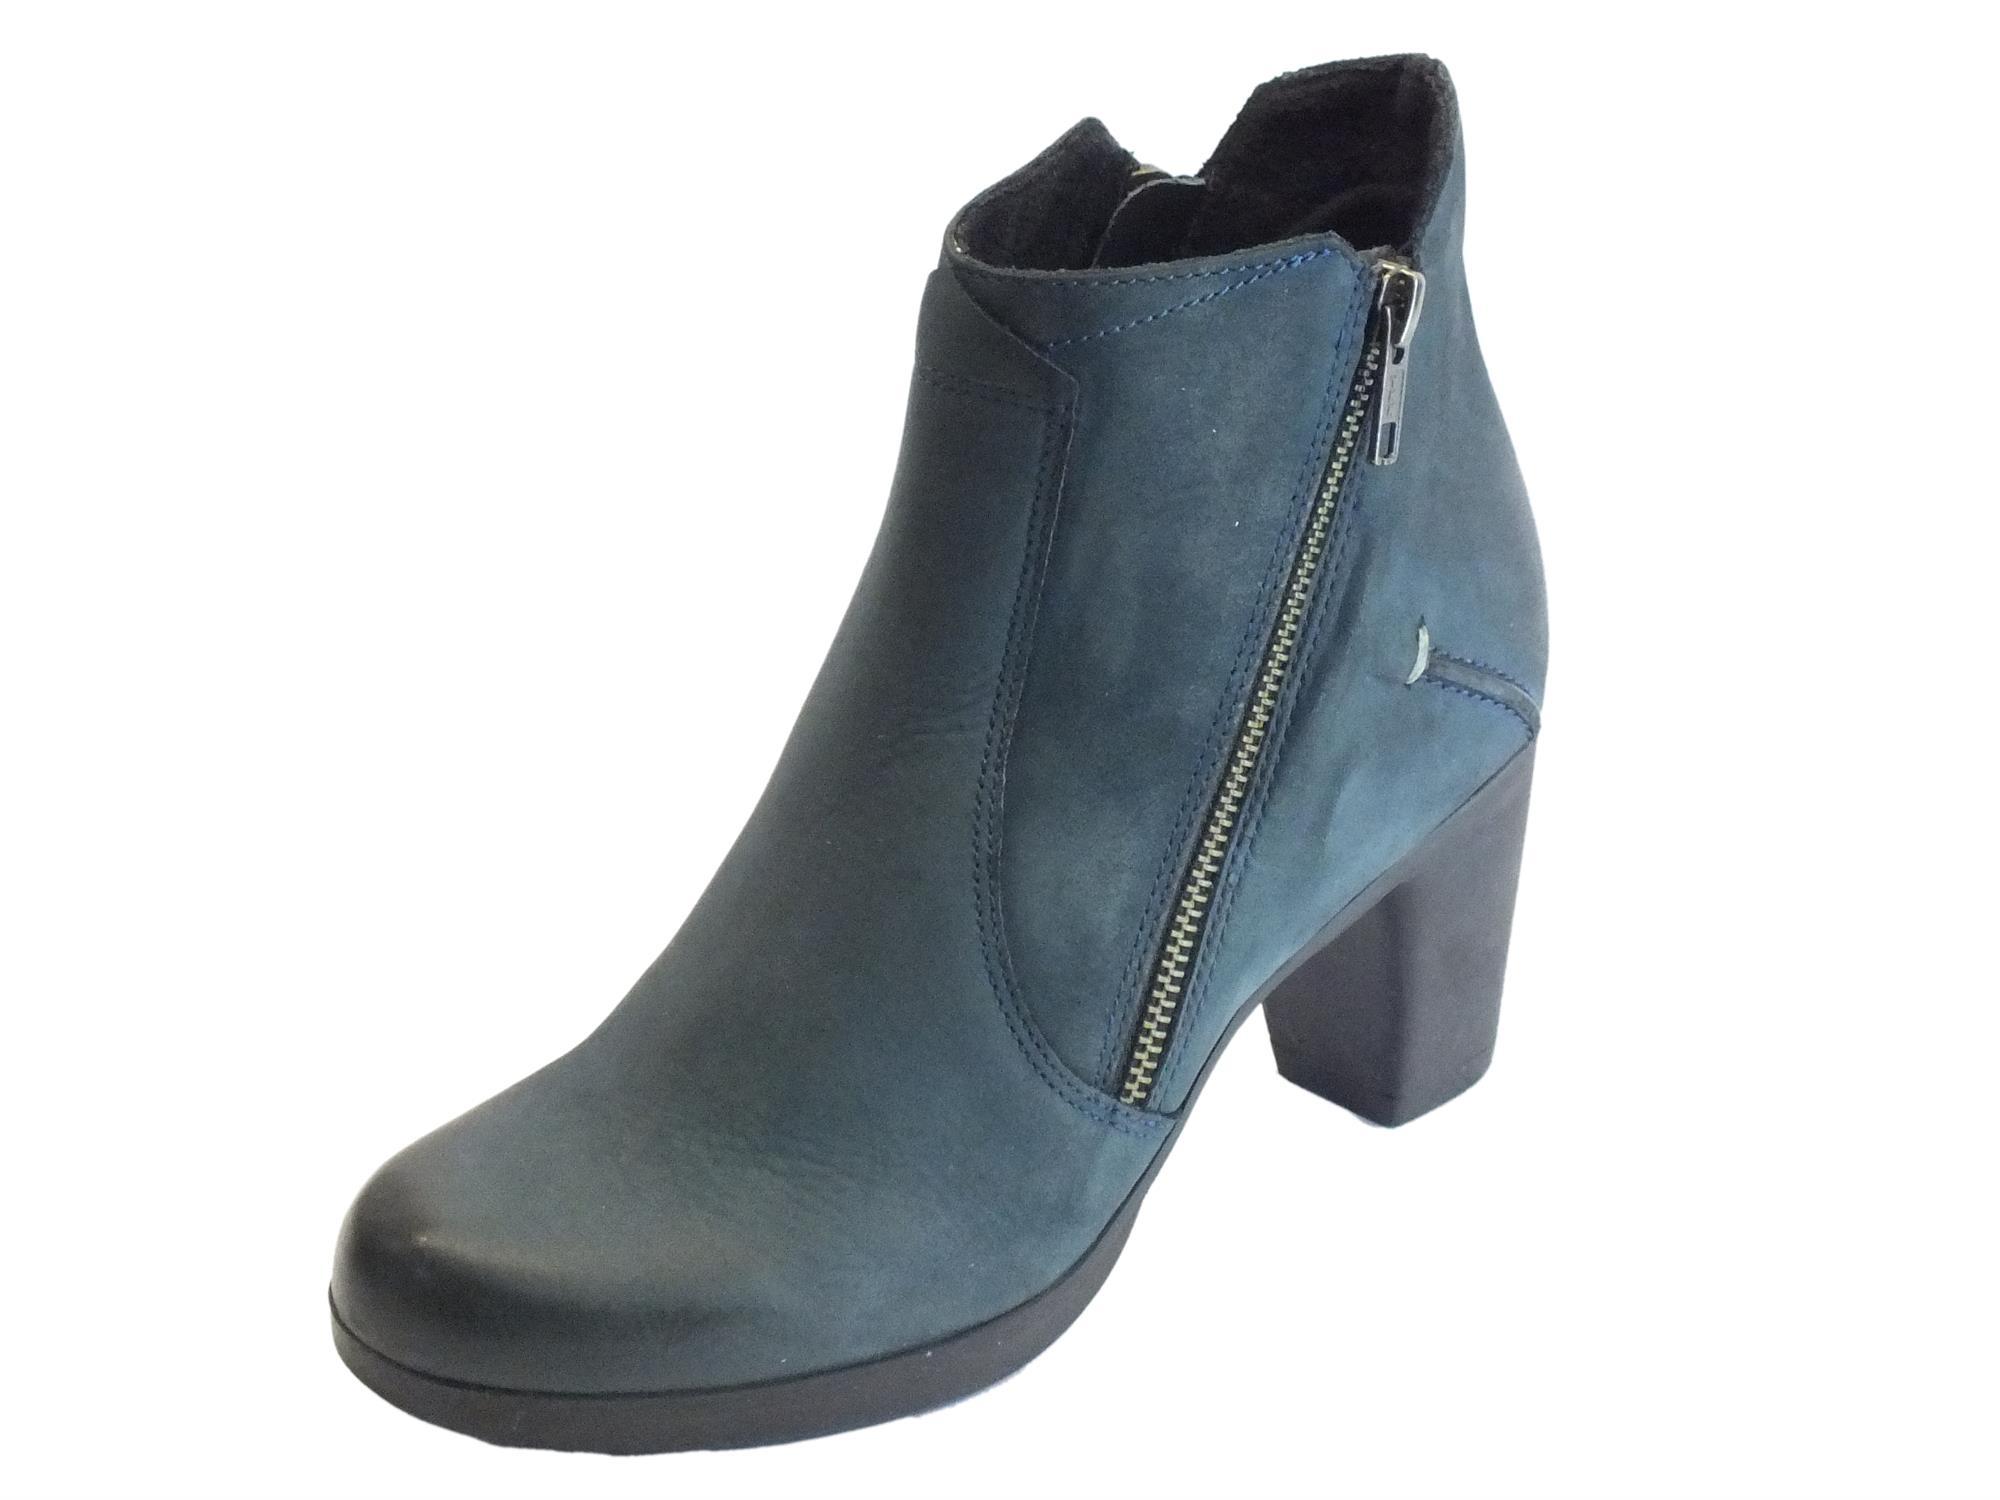 Tronchetti Cinzia Soft pelle spazzolata blu tacco medio - Vitiello ... 168749c3aeb